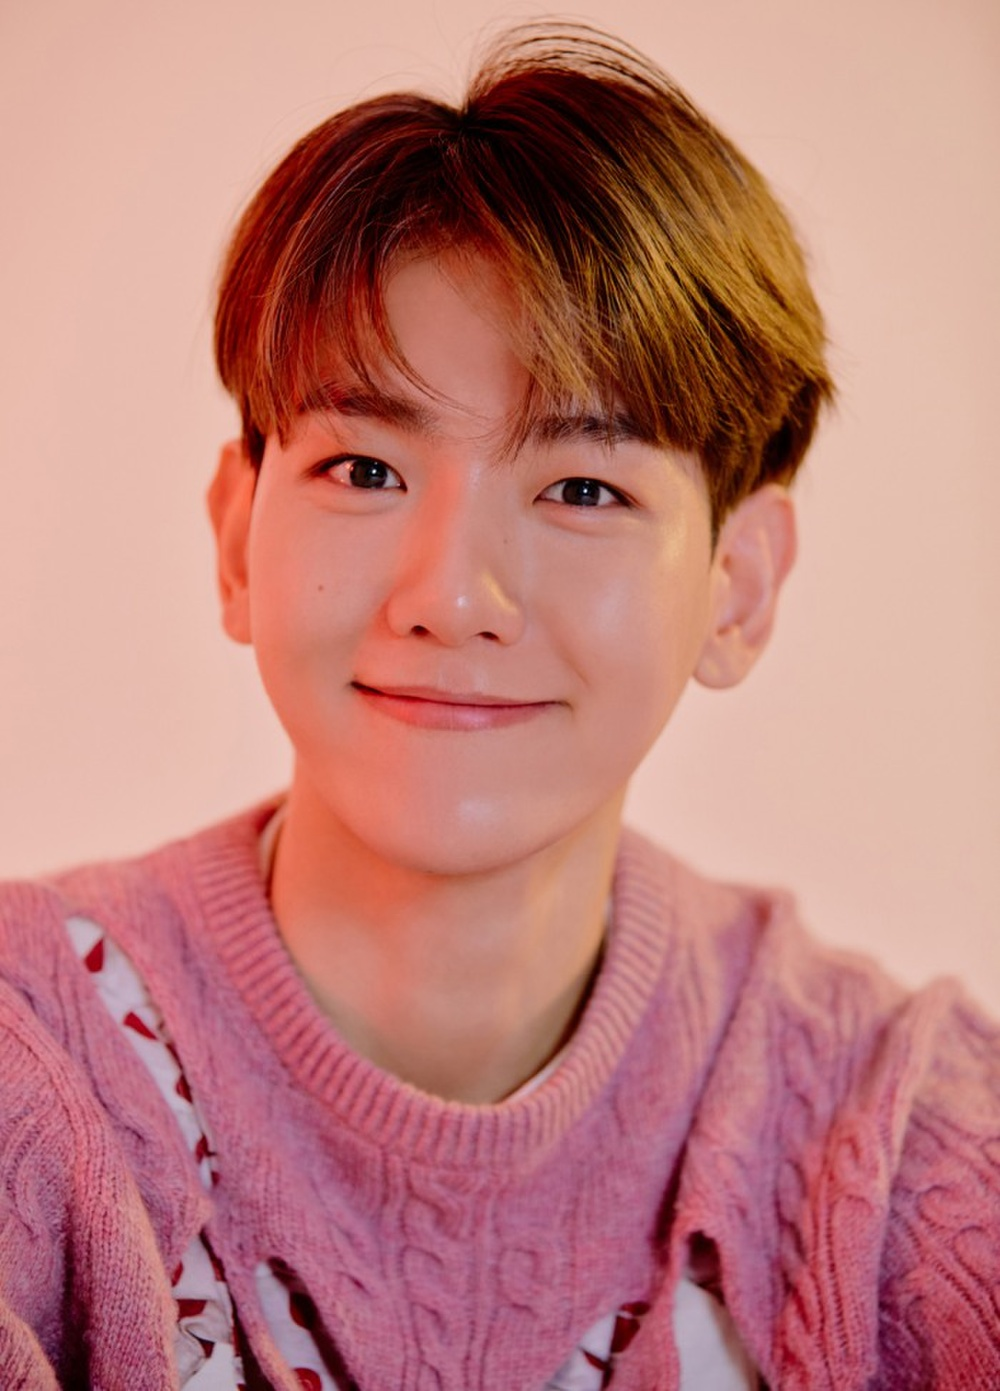 Kpop tuần qua: Baekhyun thông báo nhập ngũ, BTS được đề cử BRIT Awards, BlackPink đạt lượt stream 'đỉnh' Ảnh 1